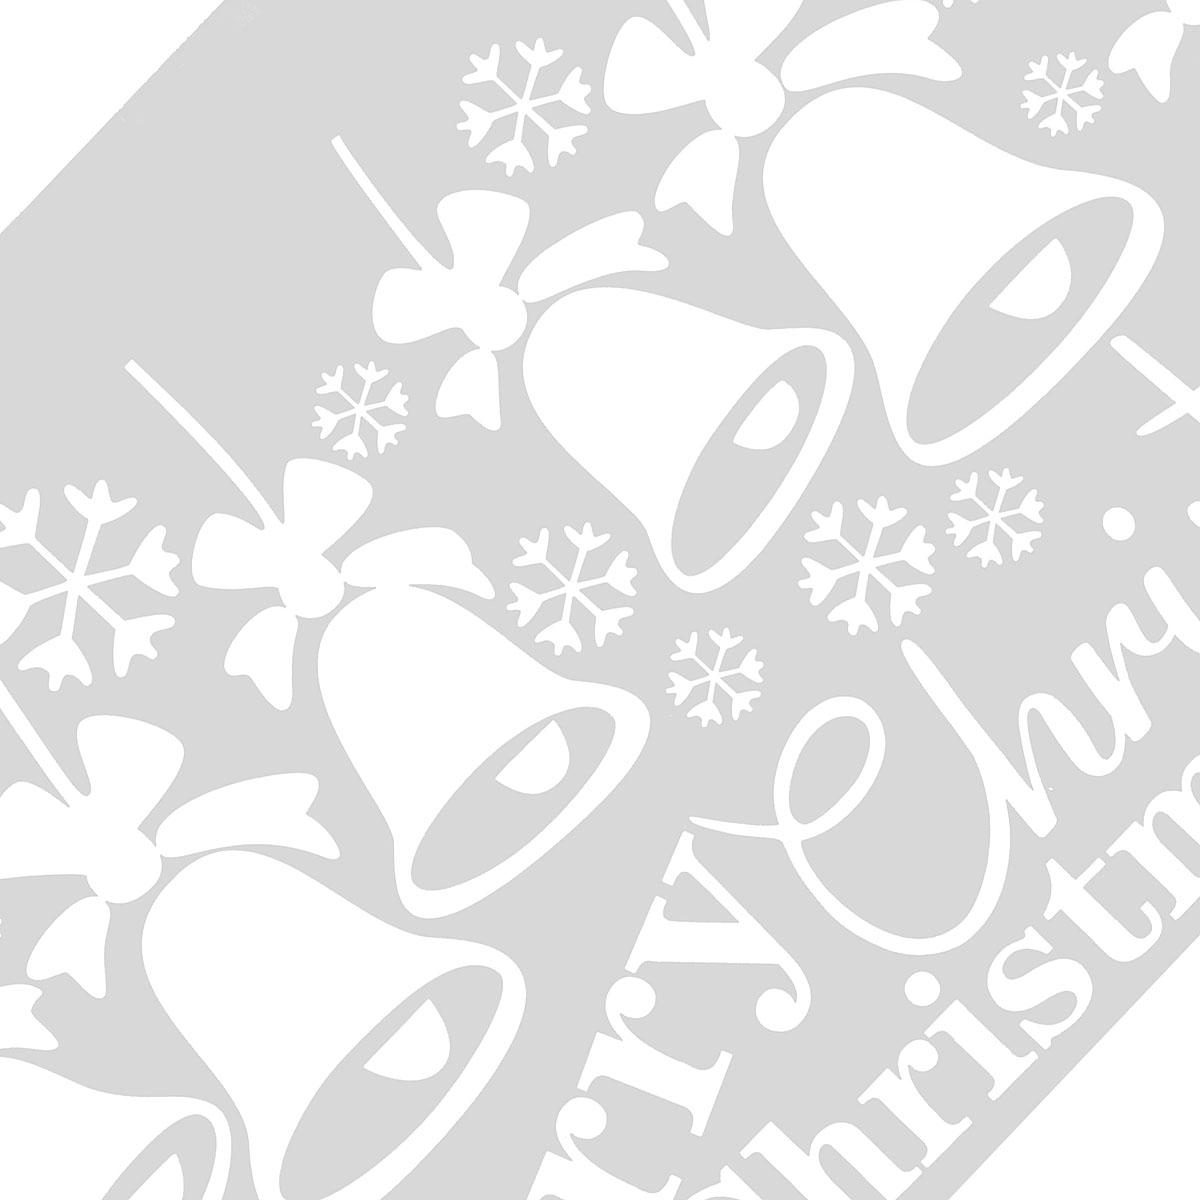 etichetta di parete di finestra di Natale di fiocco di neve di campanello di etichetta di parete di Natale allegra